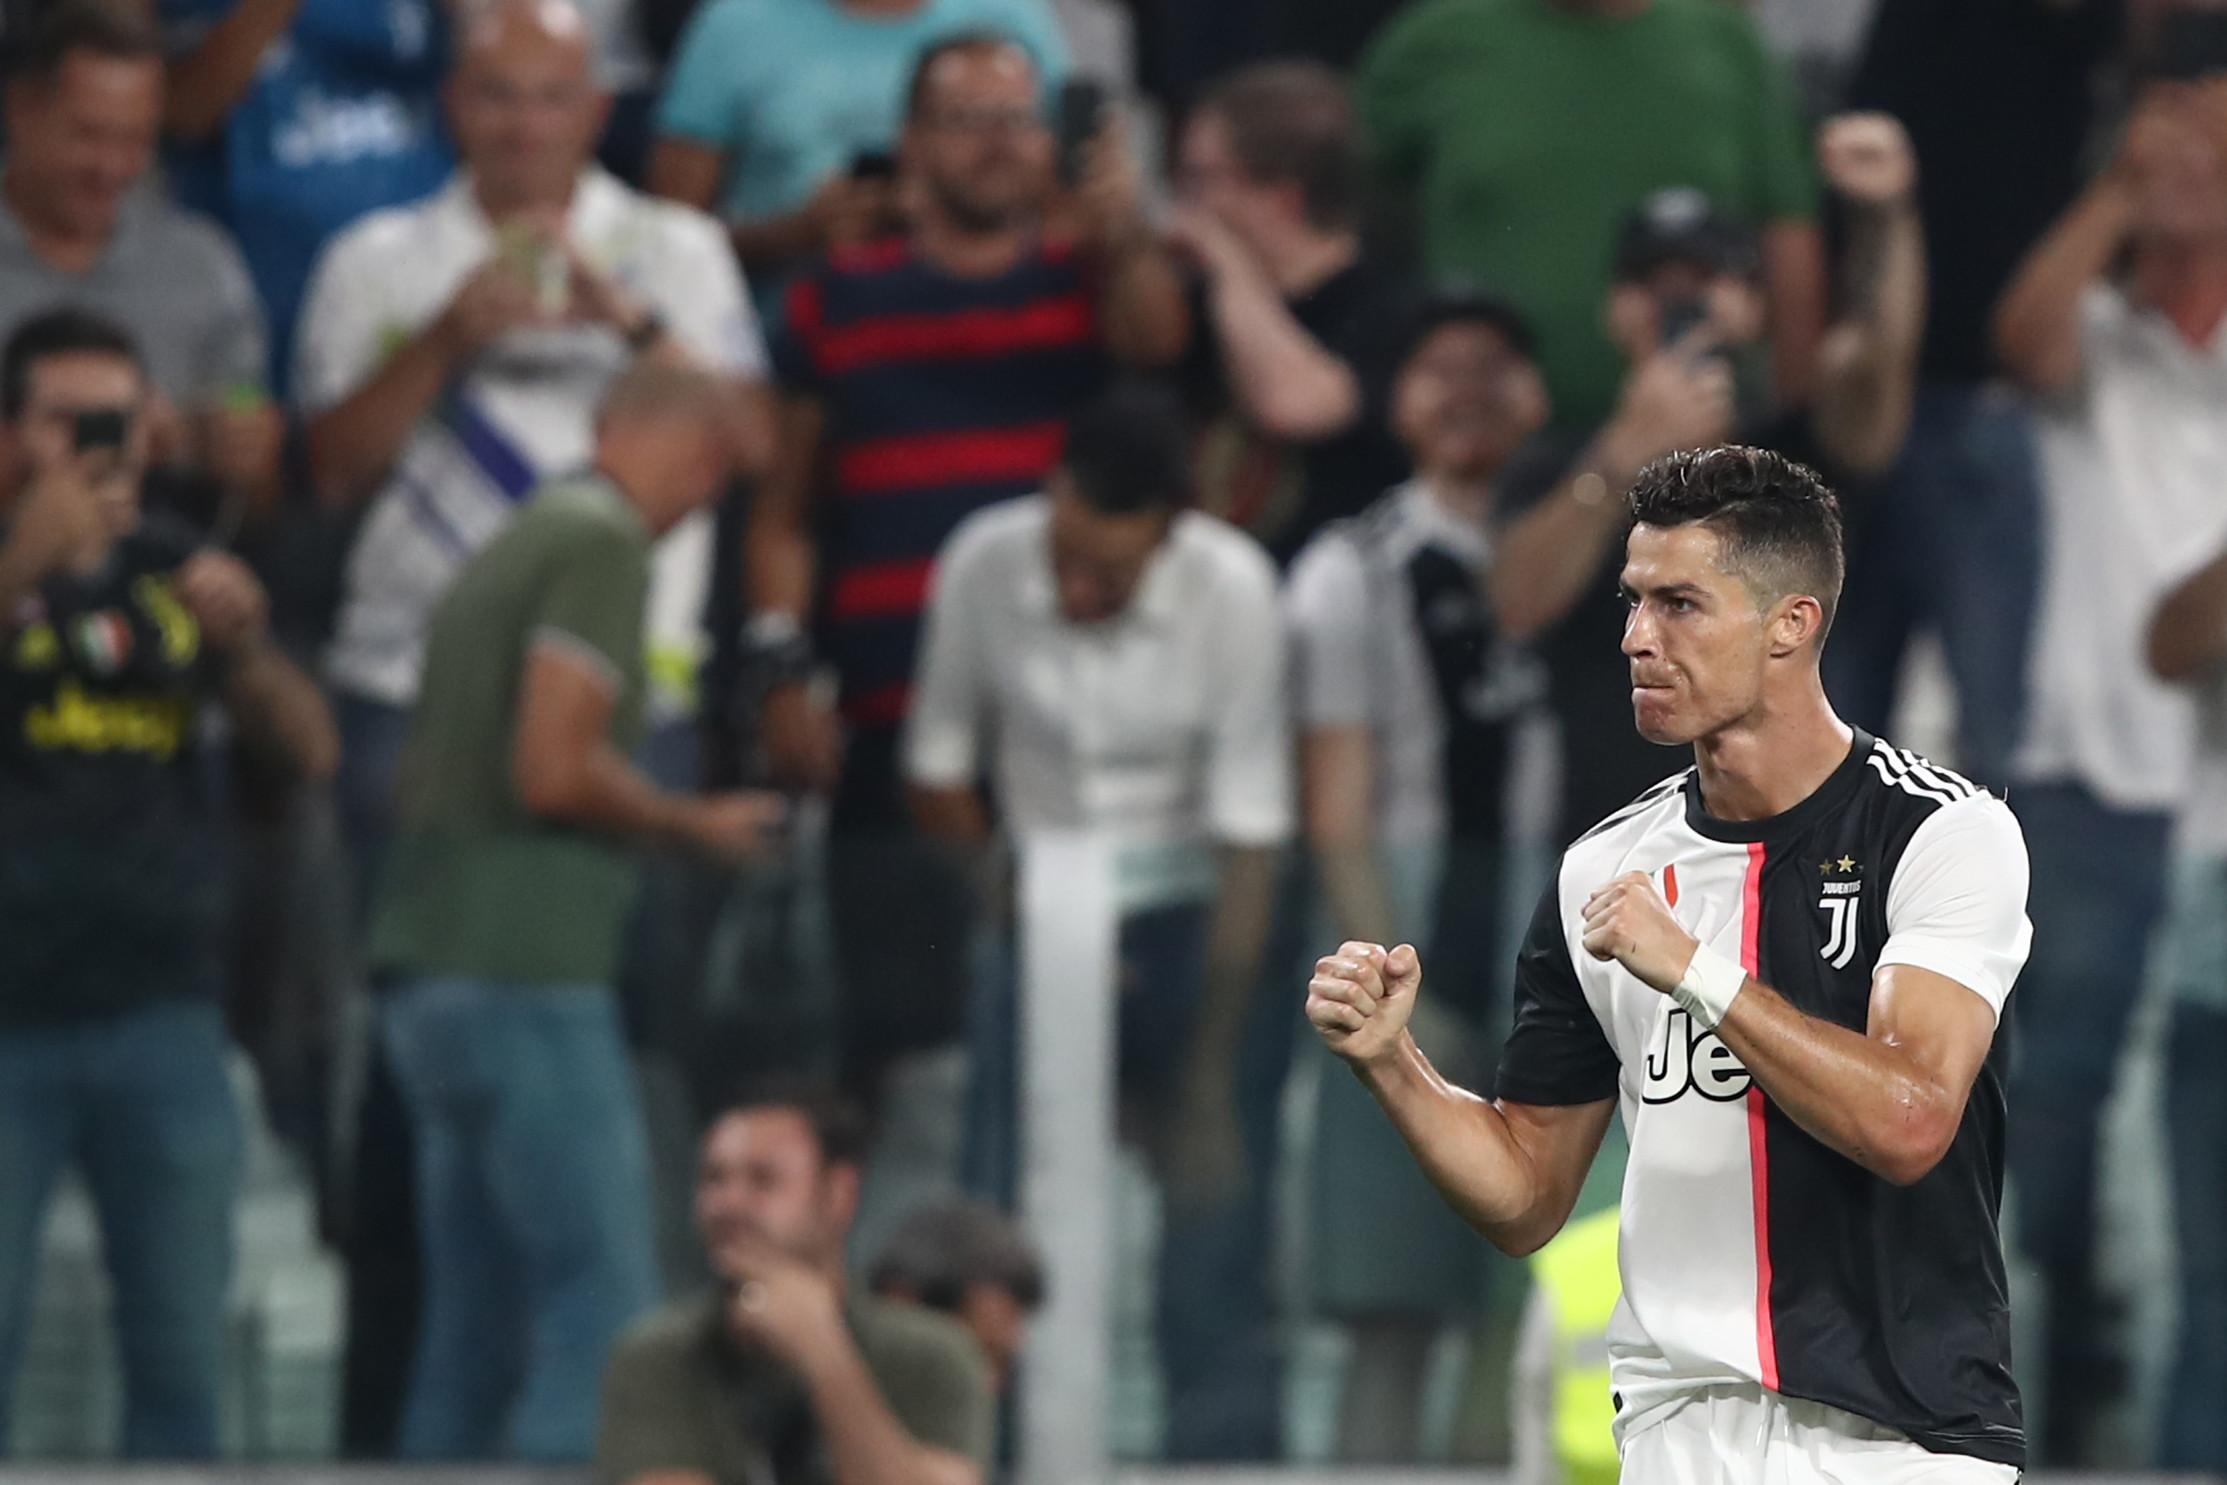 Con 8 scudetti consecutivi, la Juventus domina da anni la Serie A sul campo, ma quello dei bianconeri è unostrapotere anche economico&nbs...